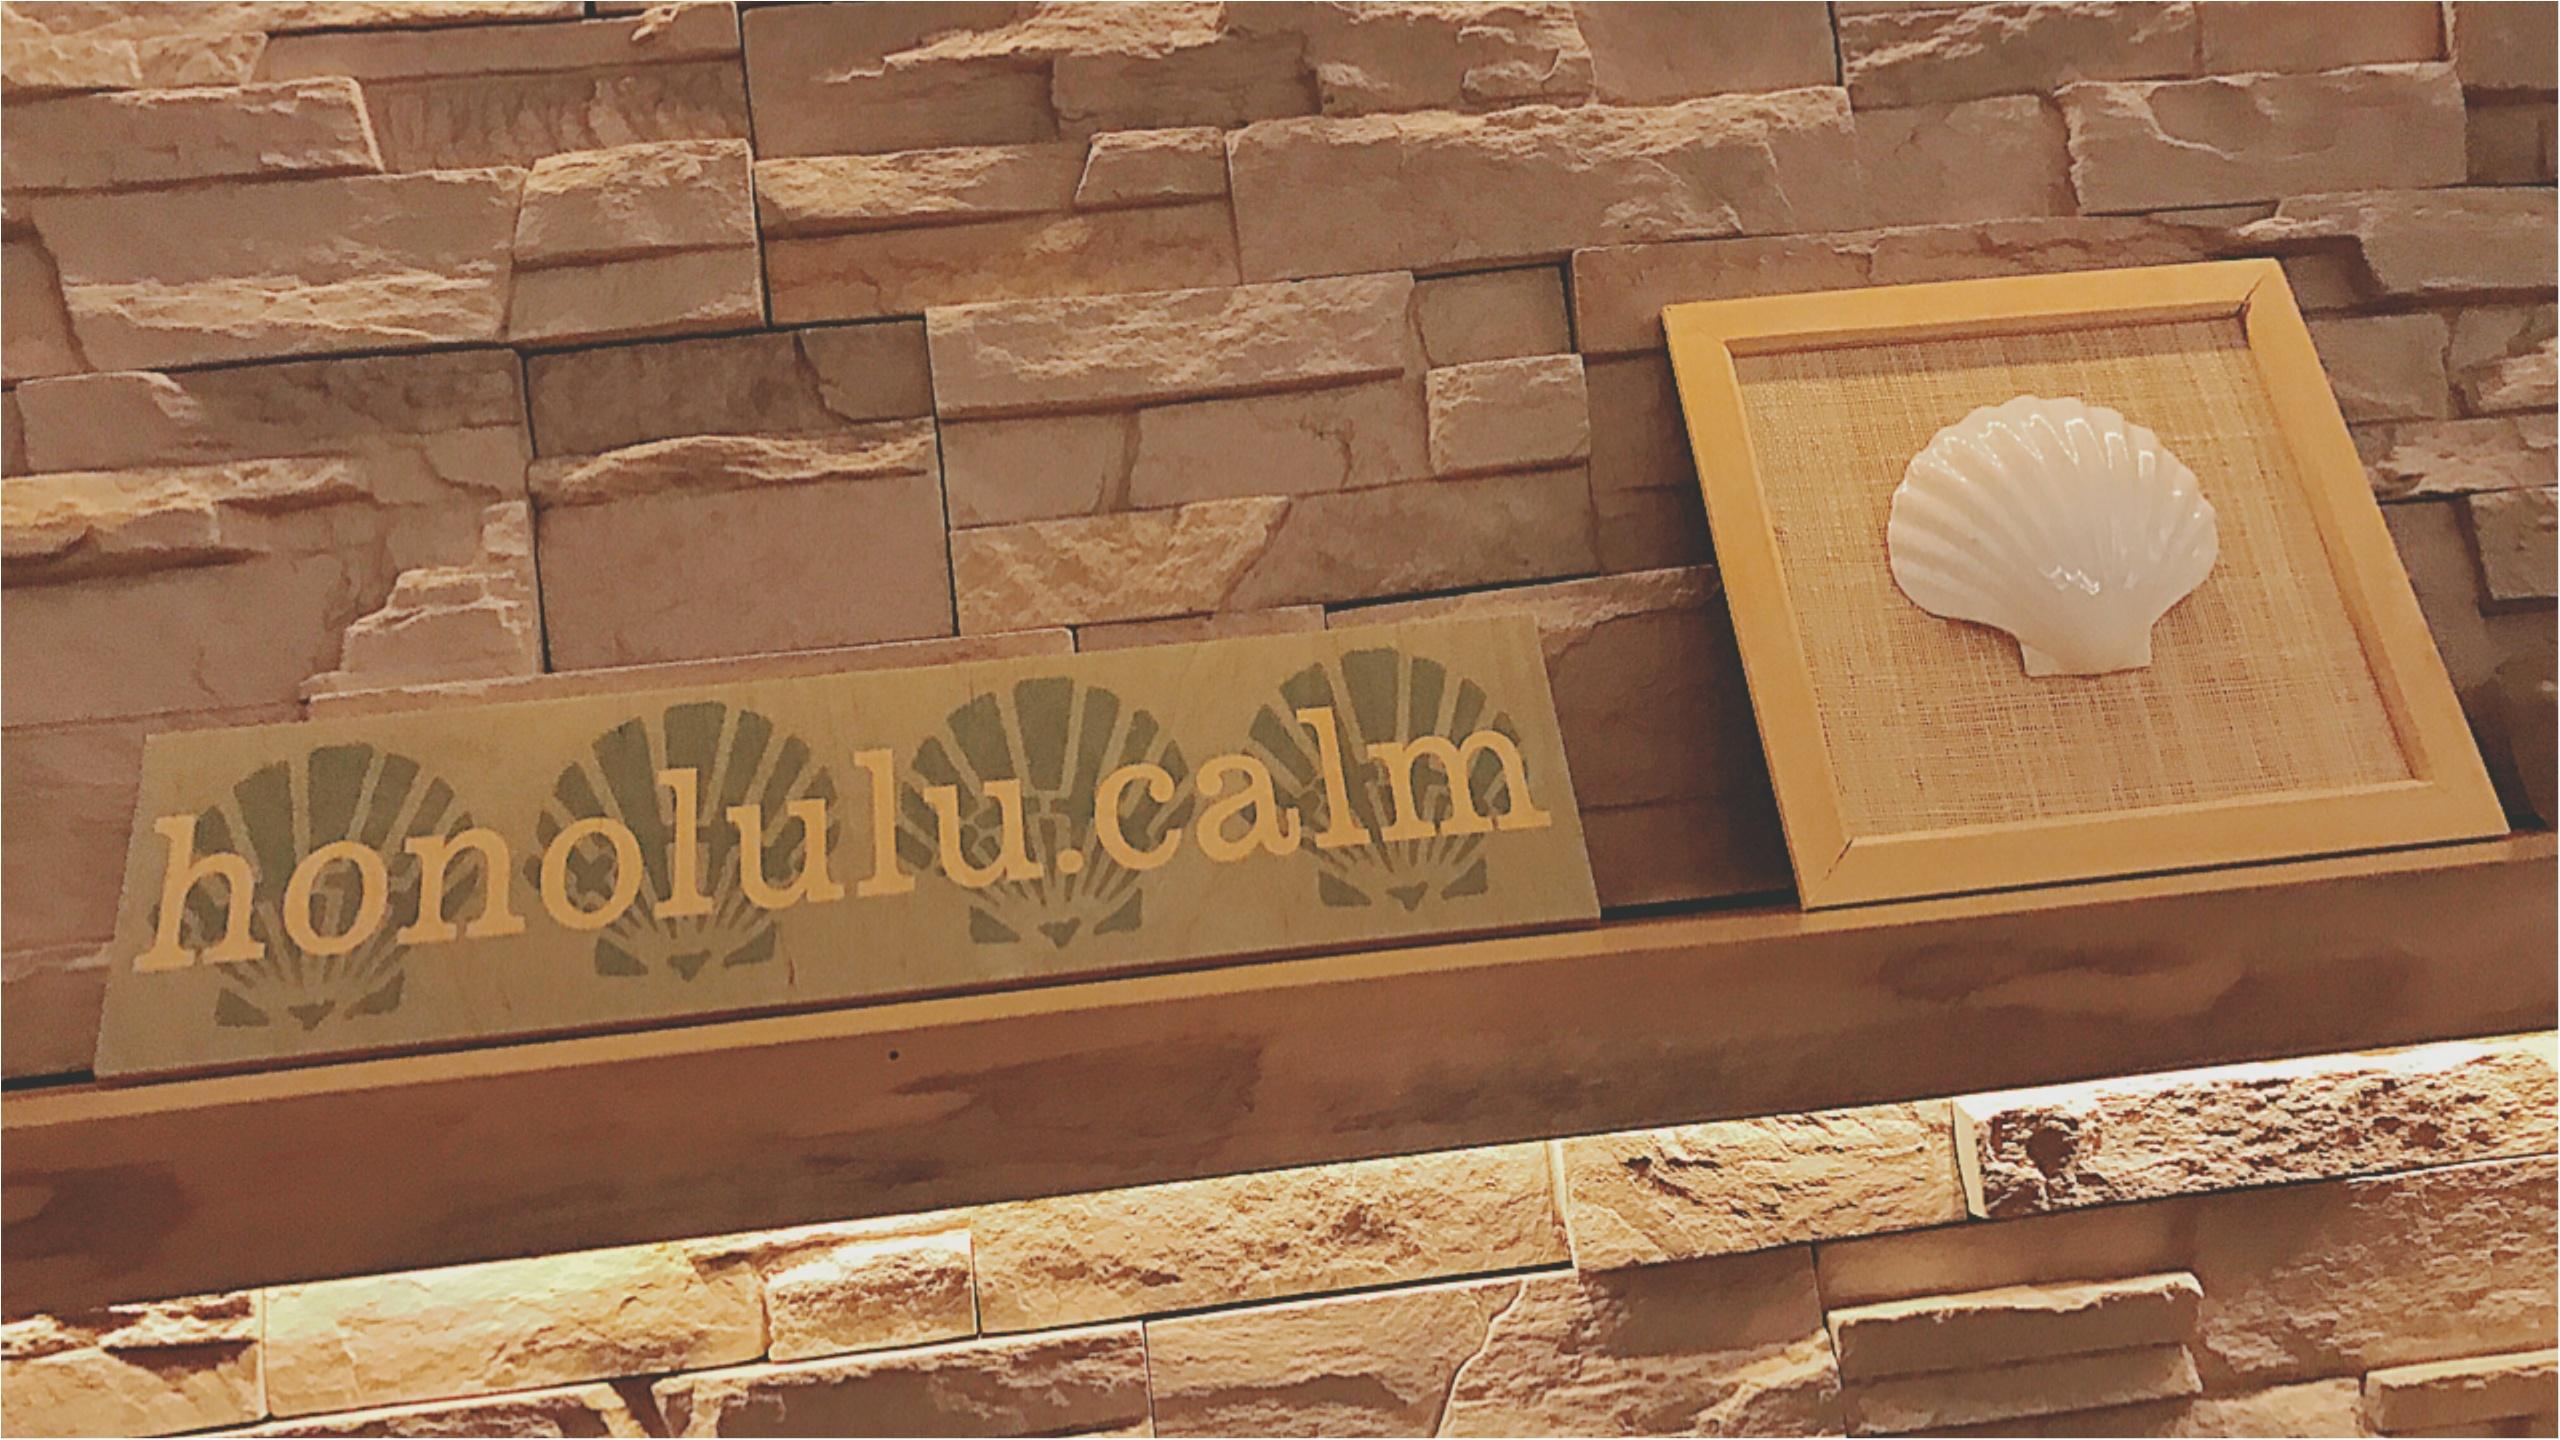 ★名古屋のおしゃれエリア、『千種区覚王山』そこで見つけた可愛すぎるお店、紹介します★_7